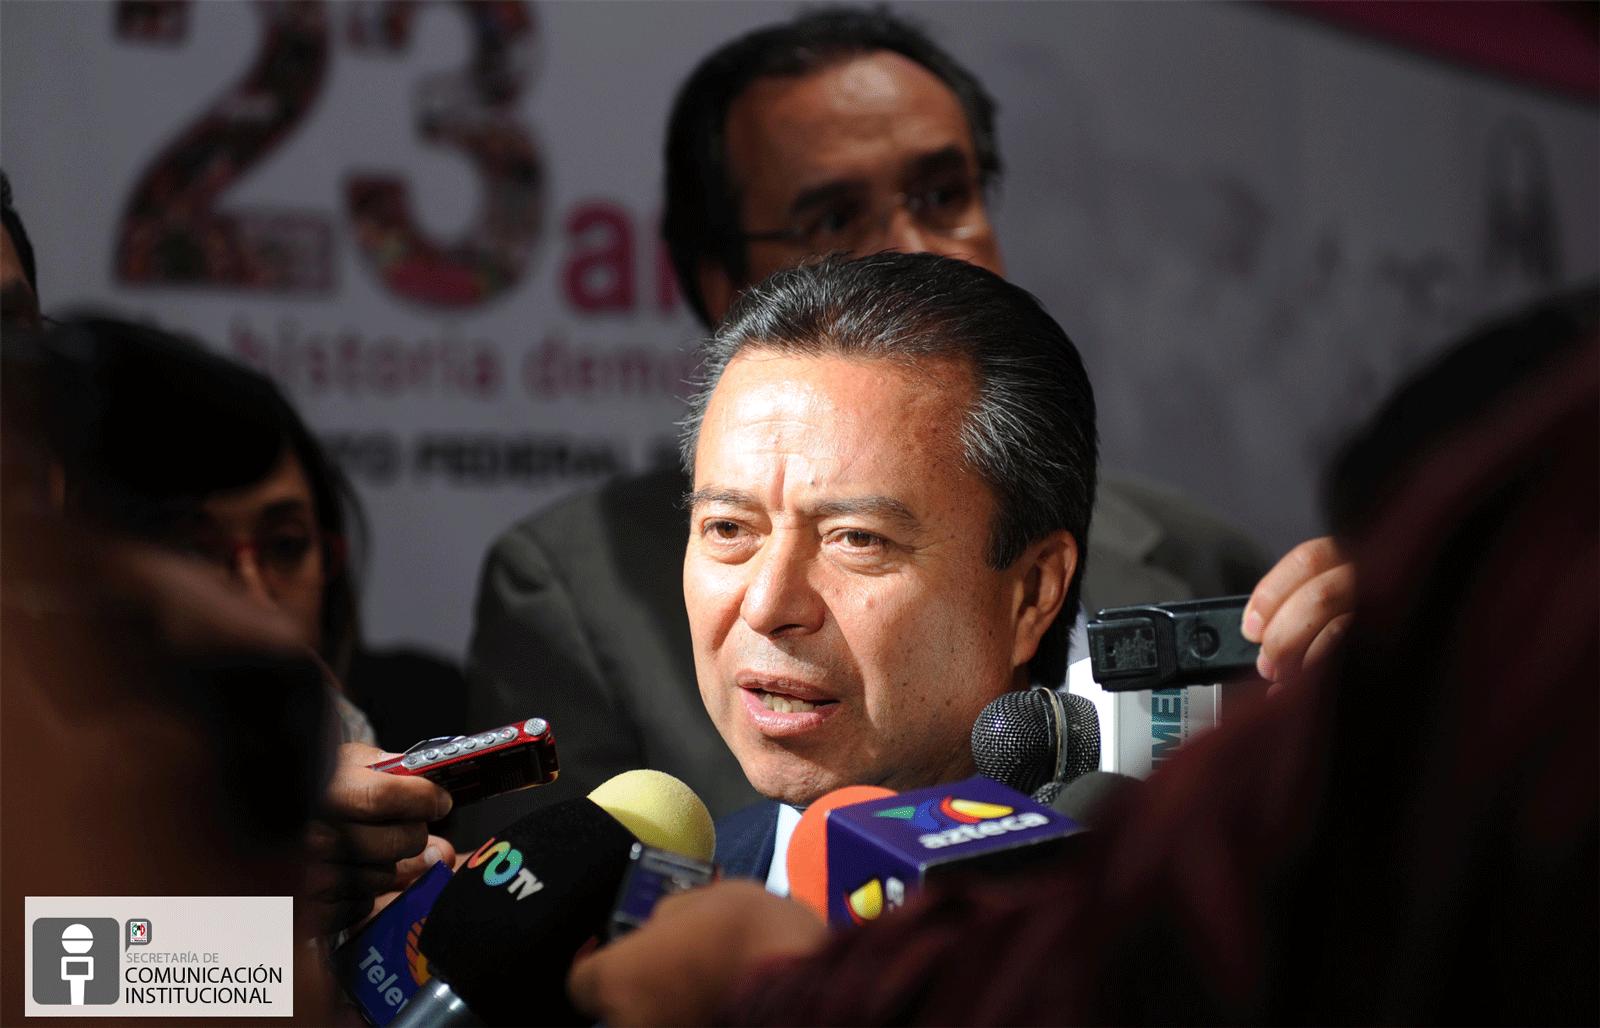 """VERSIÓN ESTENOGRÁFICA DE LA ENTREVISTA QUE CONCEDIÓ EL DOCTOR CÉSAR CAMACHO, PRESIDENTE DEL COMITÉ EJECUTIVO NACIONAL DEL PARTIDO REVOLUCIONARIO INSTITUCIONAL, POSTERIOR A SU PARTICIPACIÓN EN EL CICLO DE CONFERENCIAS """"EL IFE Y EL SISTEMA DE PARTIDOS POLÍTICOS EN MÉXICO"""", LLEVADO A CABO EN LAS INSTALACIONES DEL INSTITUTO FEDERAL ELECTORAL"""